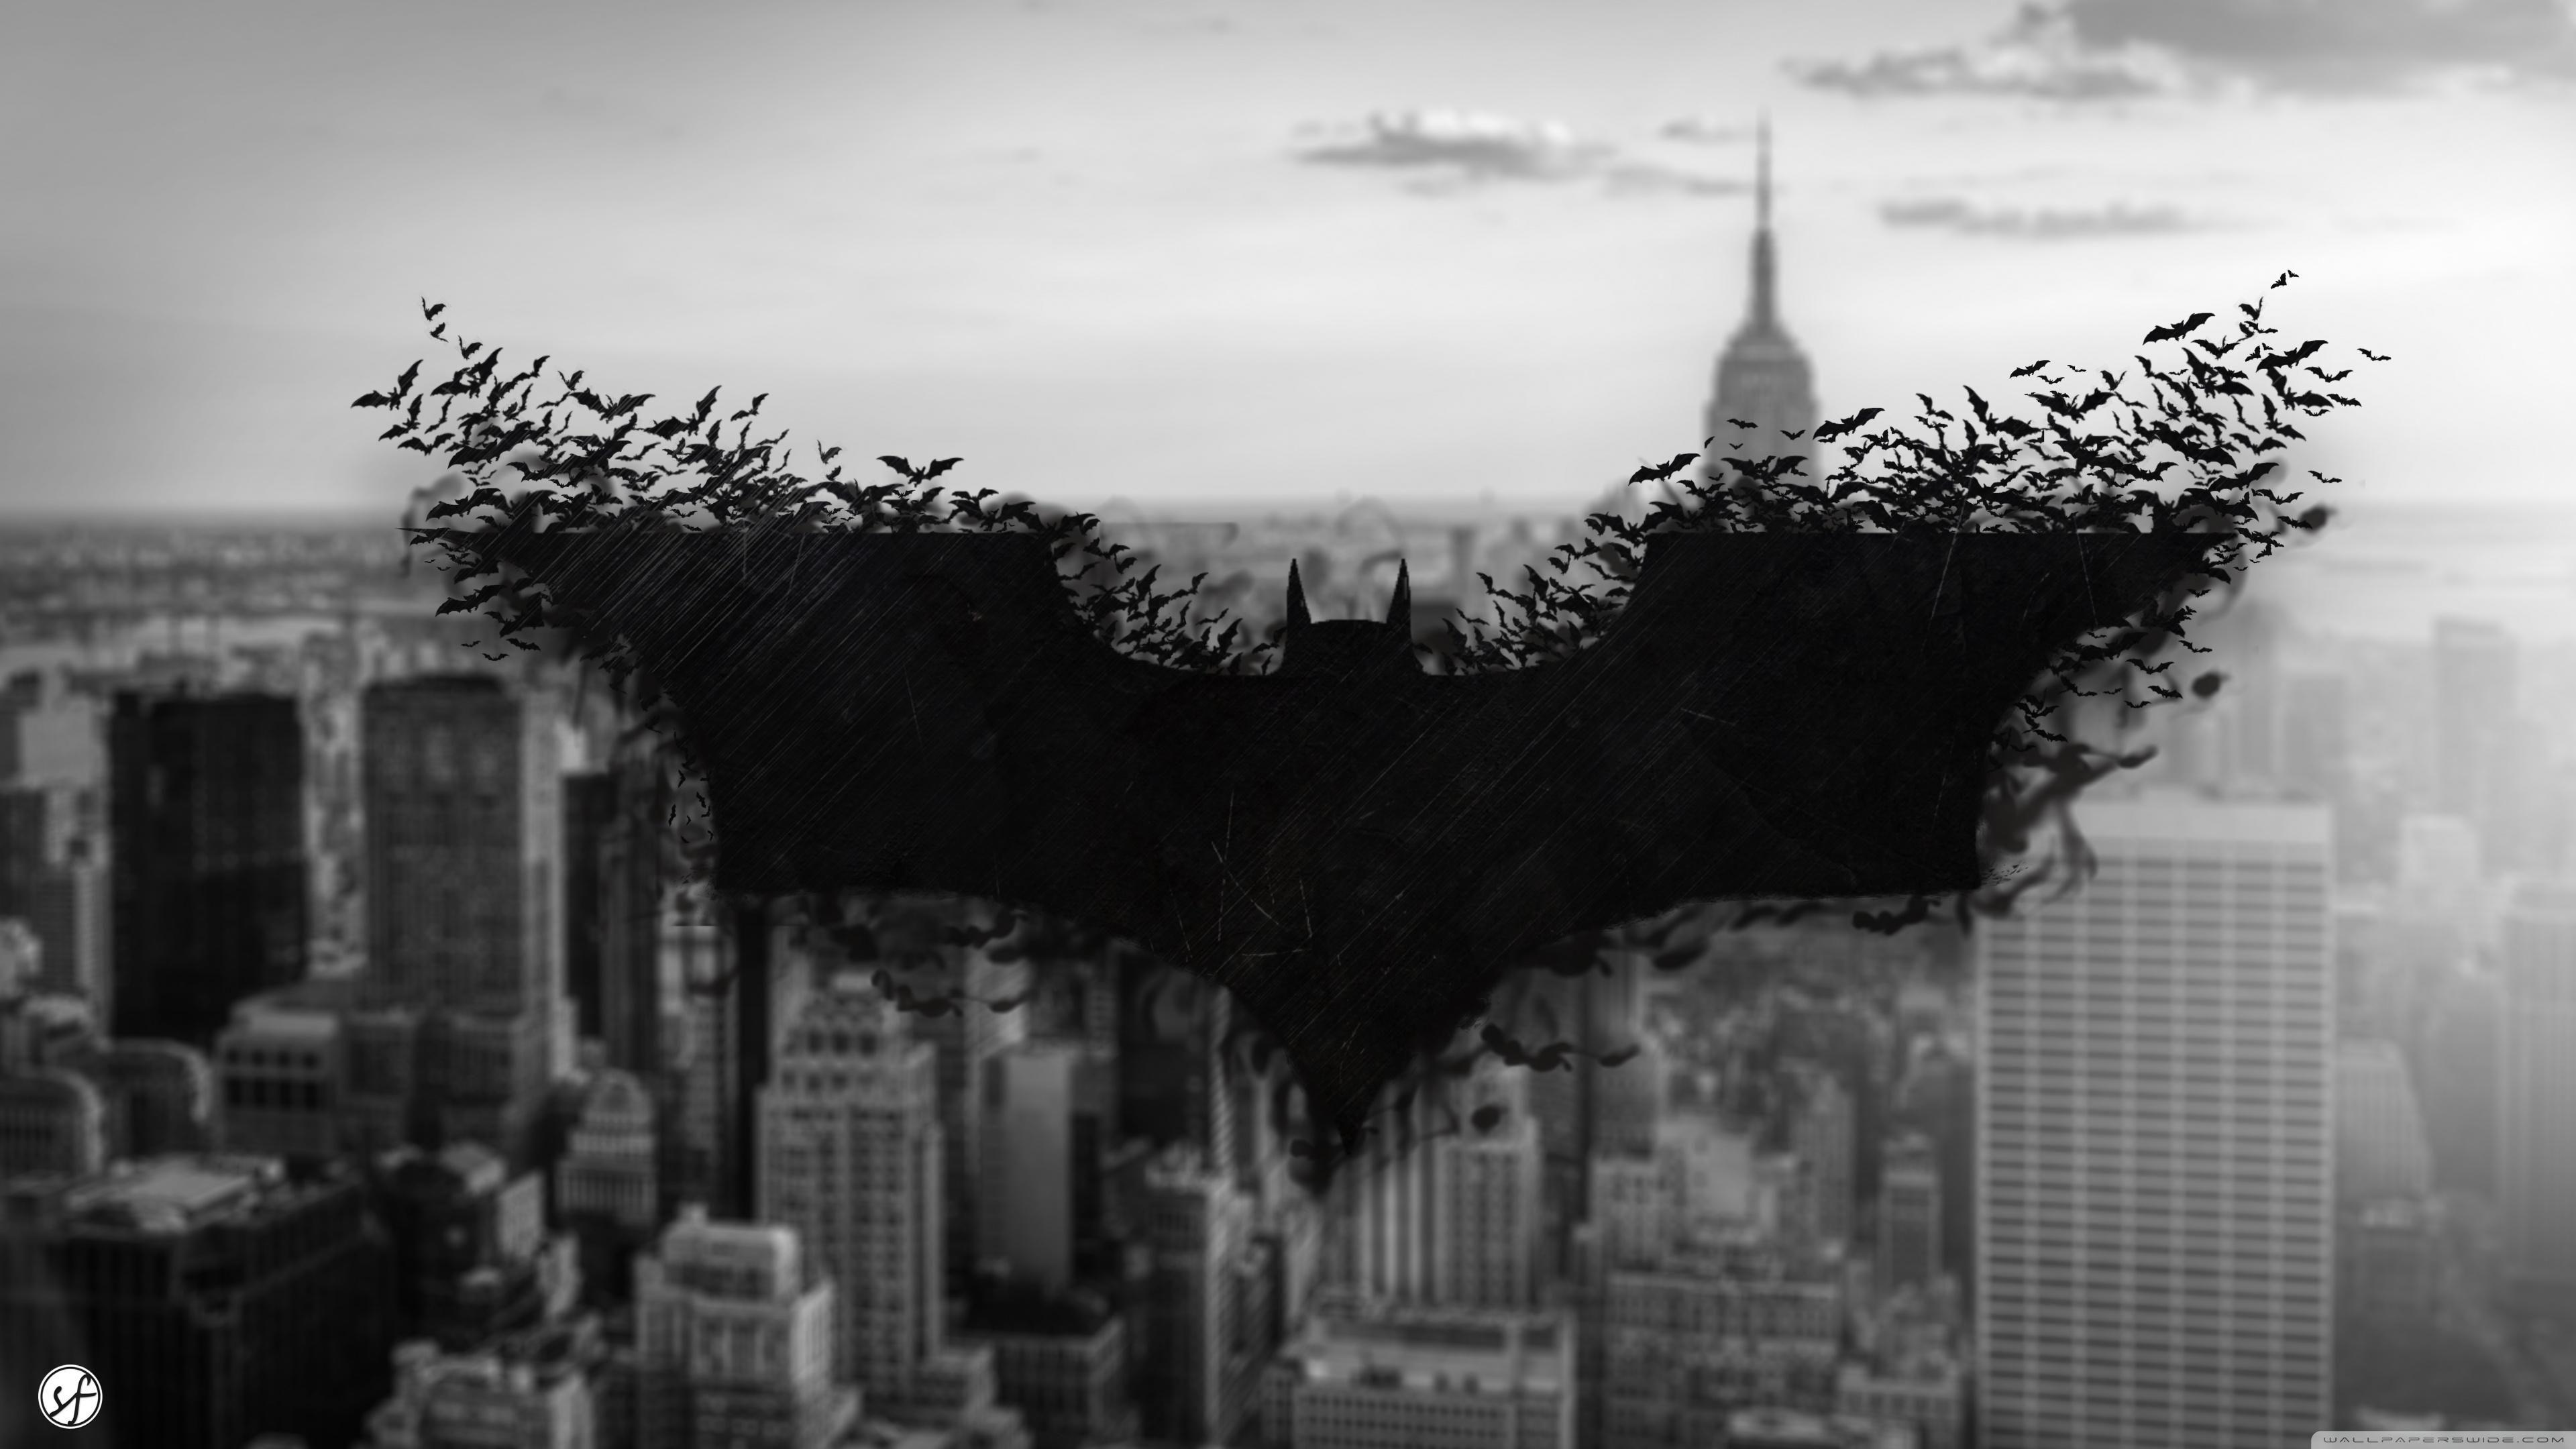 Batman Wallpaper 4k , (62+) Pictures in 2020 Batman